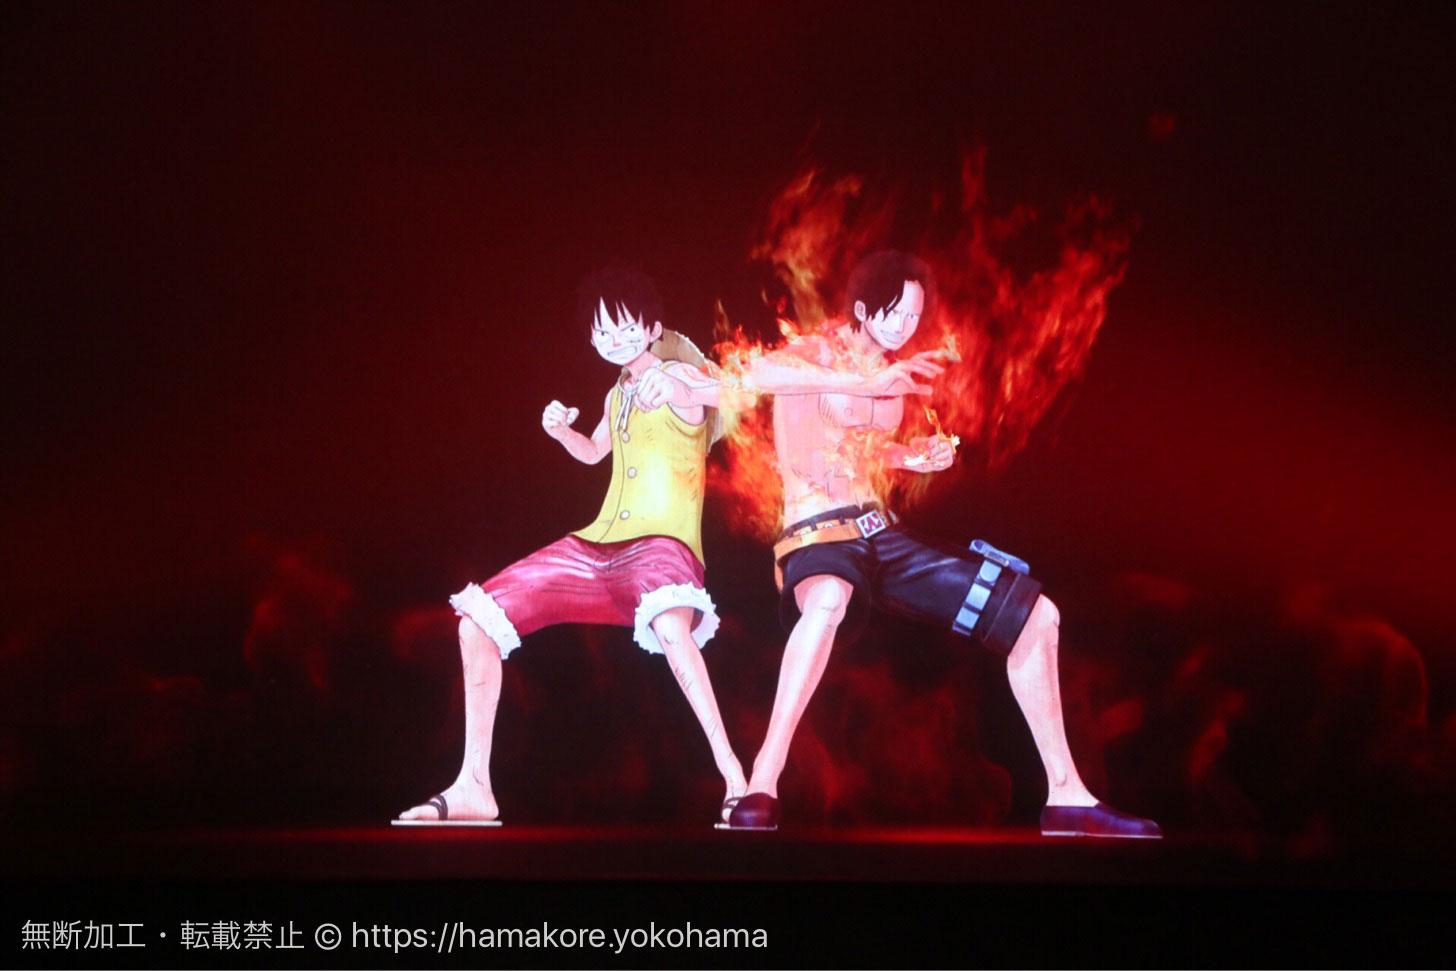 横浜 DMM VR THEATERでONE PIECE、完全オリジナルストーリーを上映!屋外展示は無料